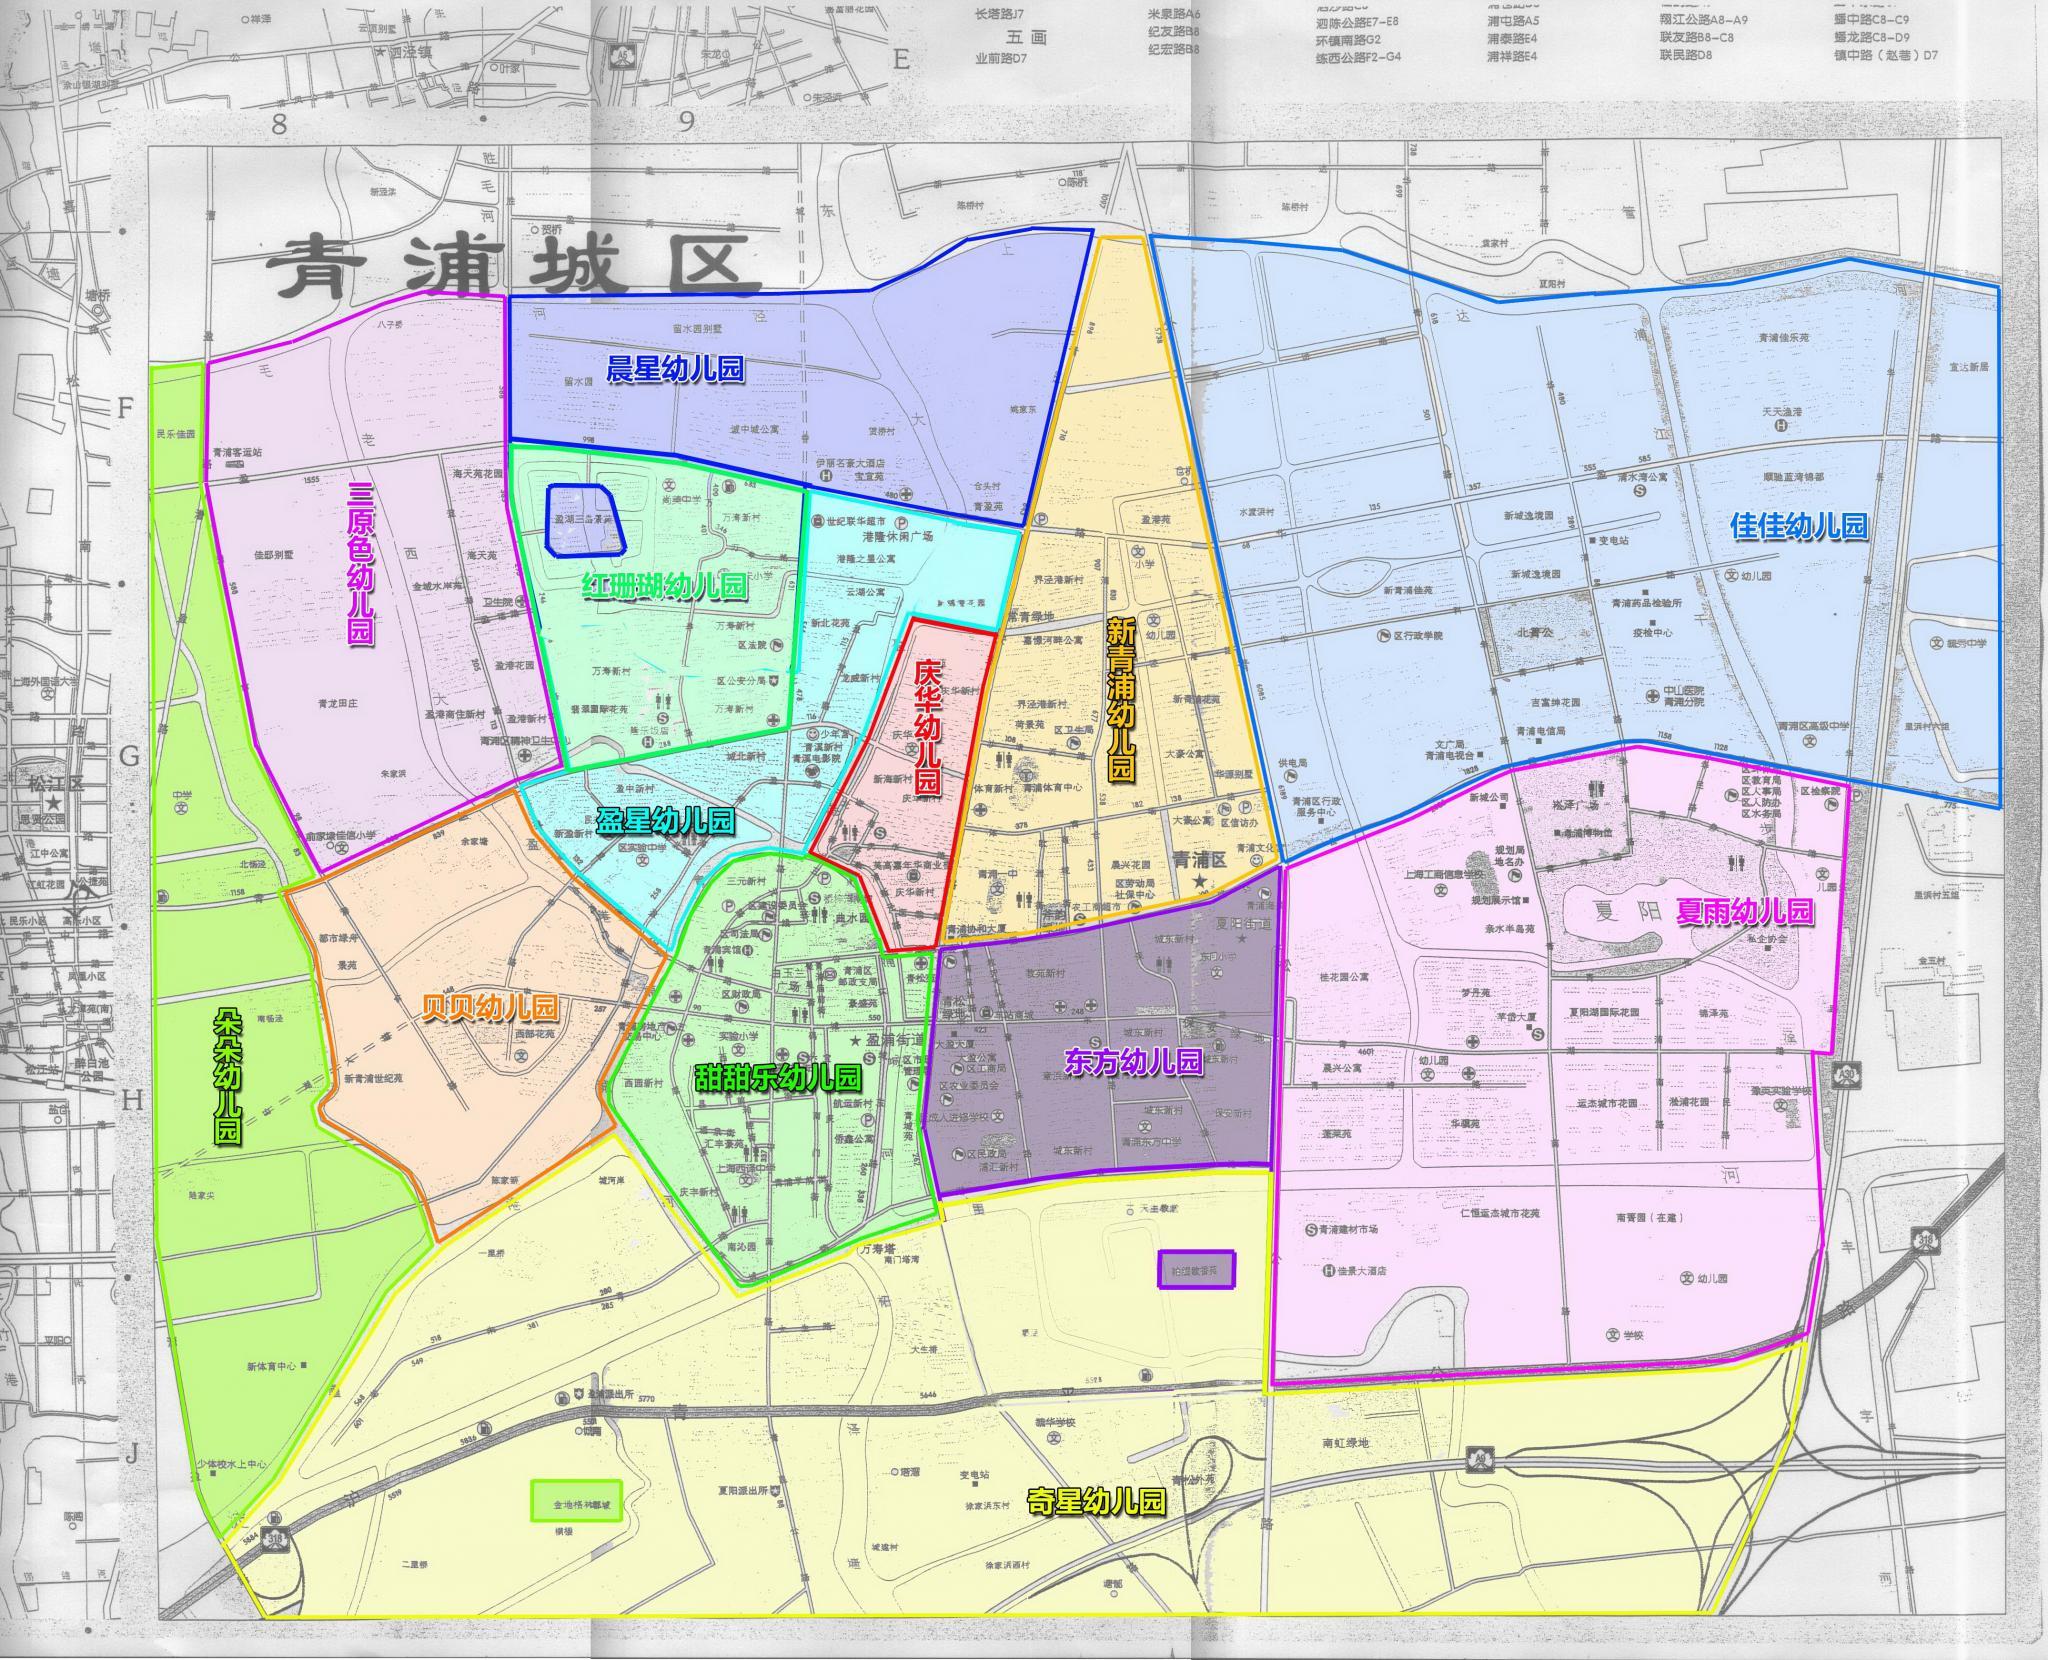 青浦城区地图 - 地图